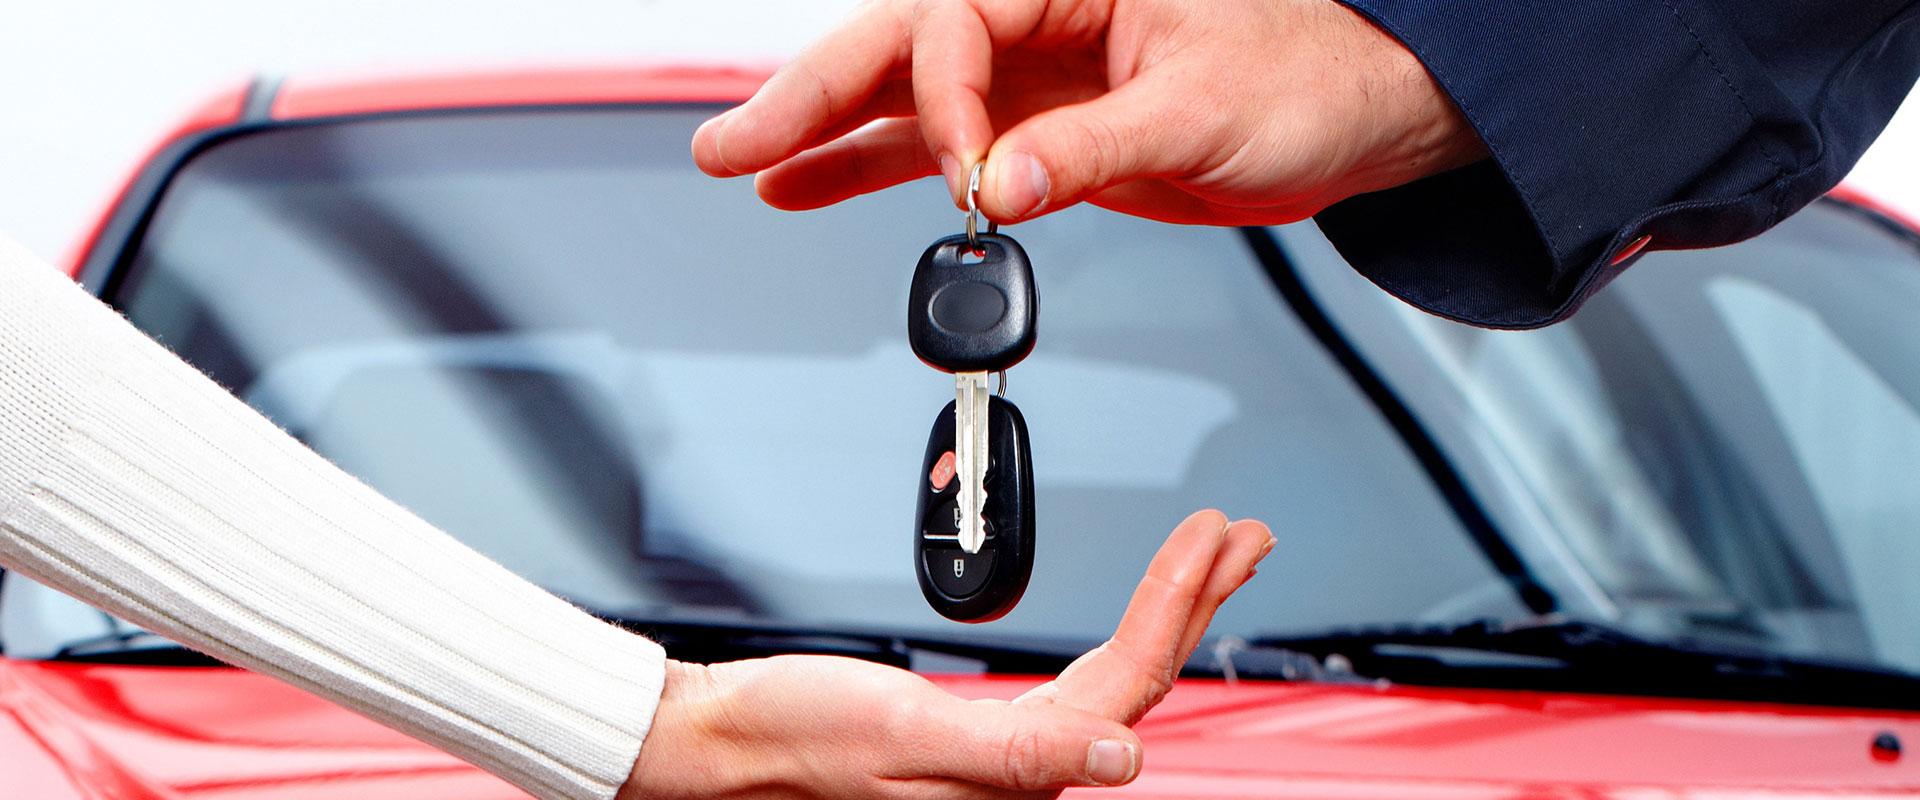 Odkup, prodaja rabljenih vozil